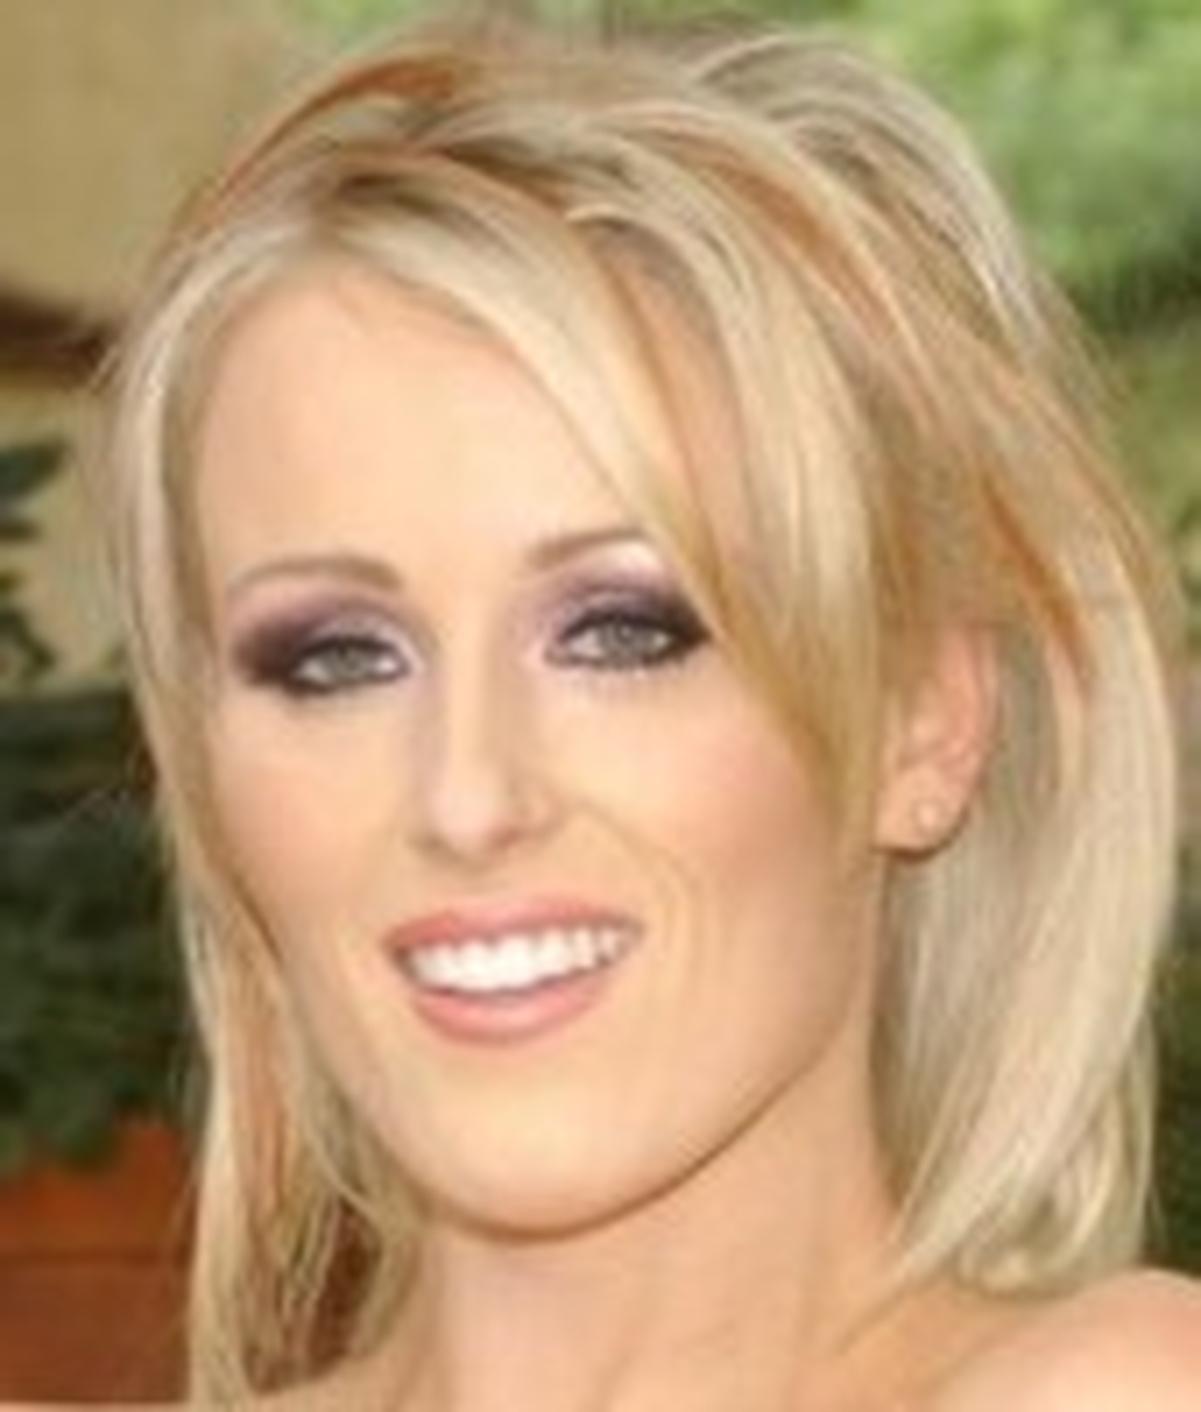 Sharon Wild nude 10